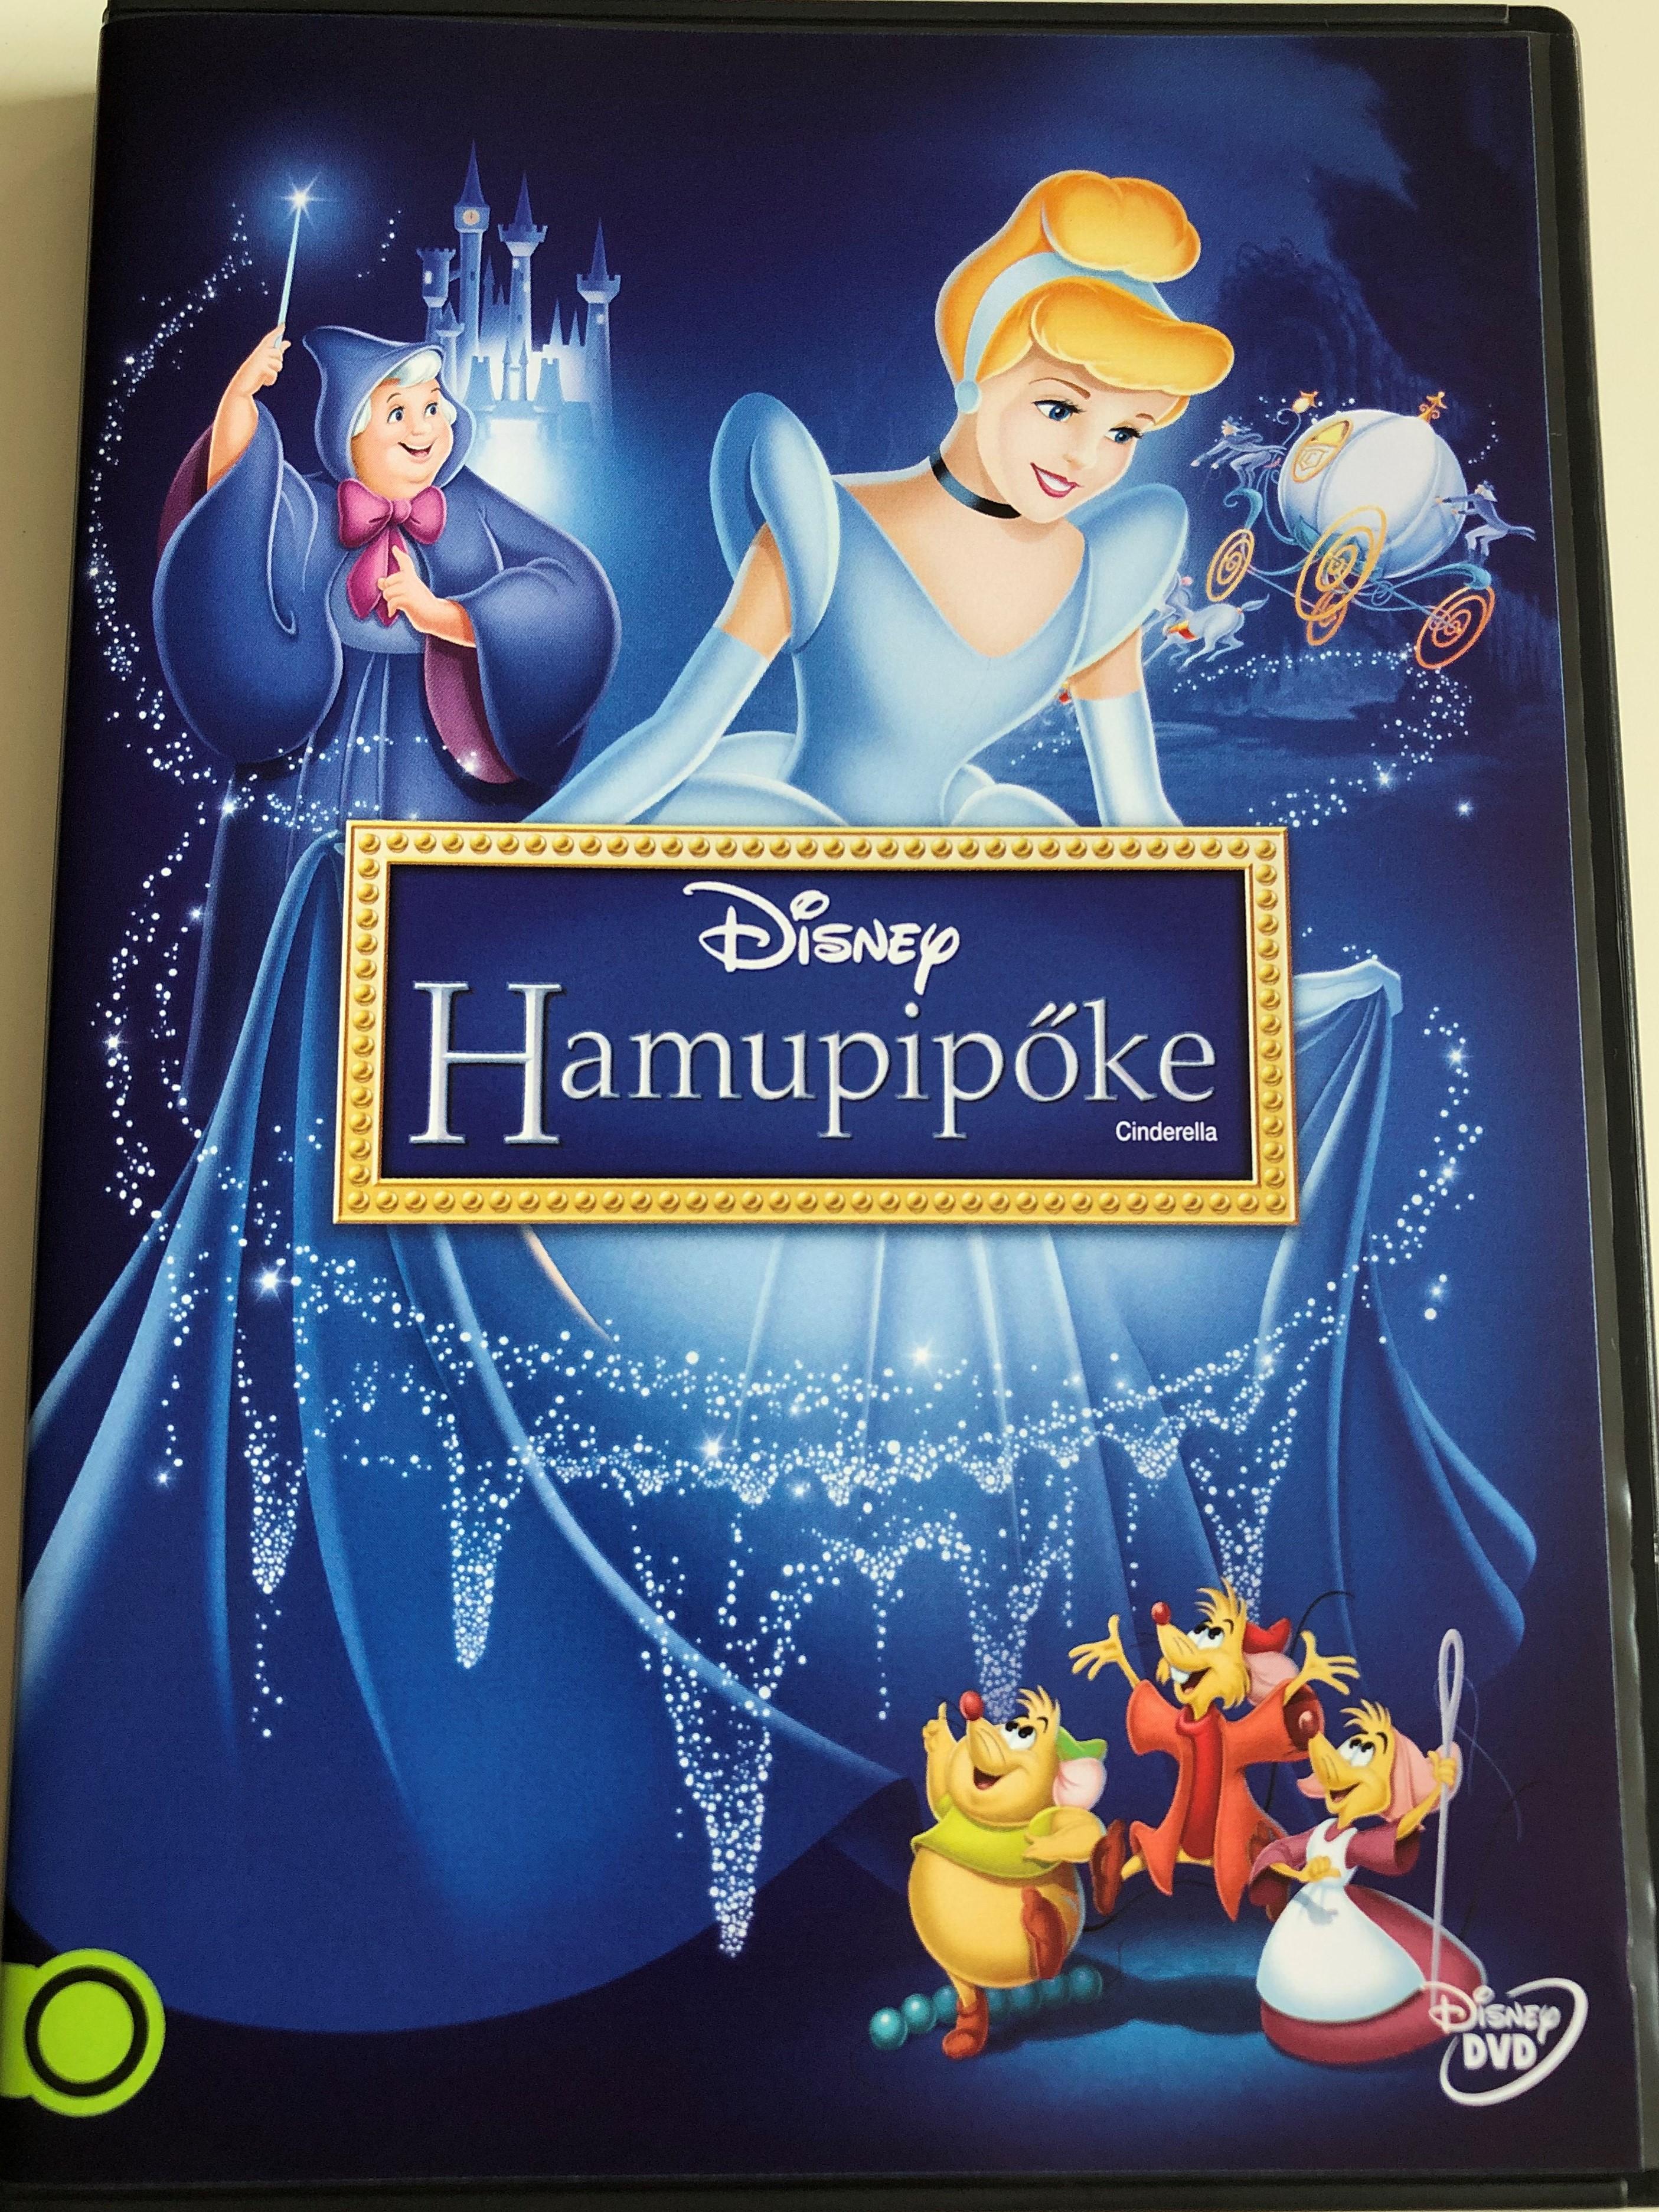 cinderella-dvd-2013-hamupip-ke-directors-clyde-geronimi-hamilton-luske-wilfred-jackson-produced-by-walt-disney-1-.jpg